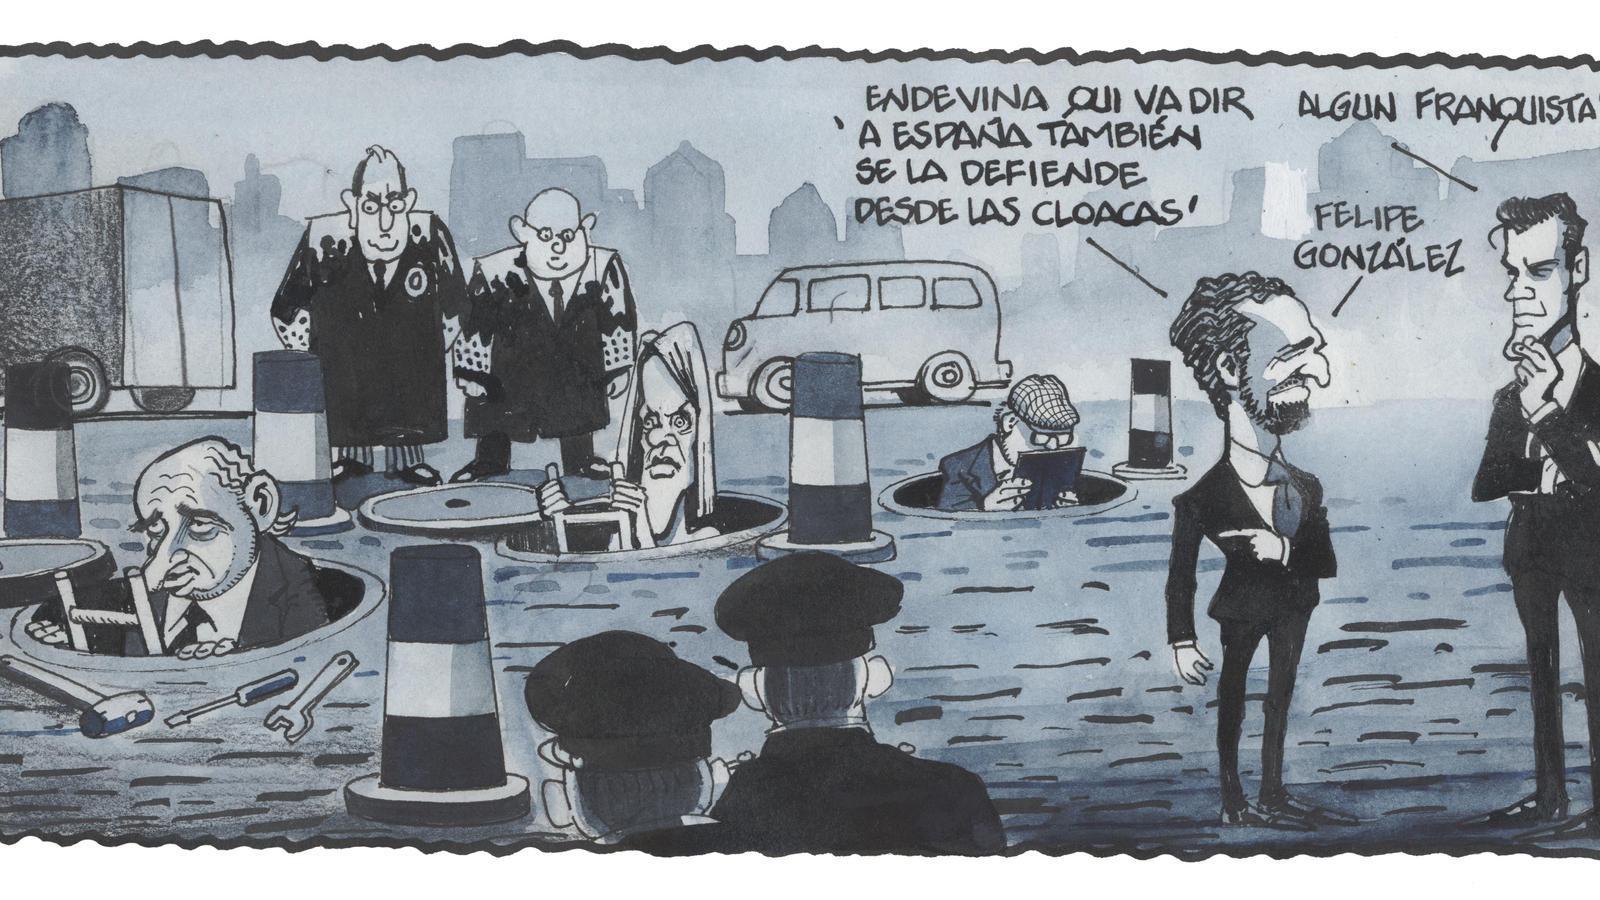 'A la contra', per Ferreres 12/09/2020